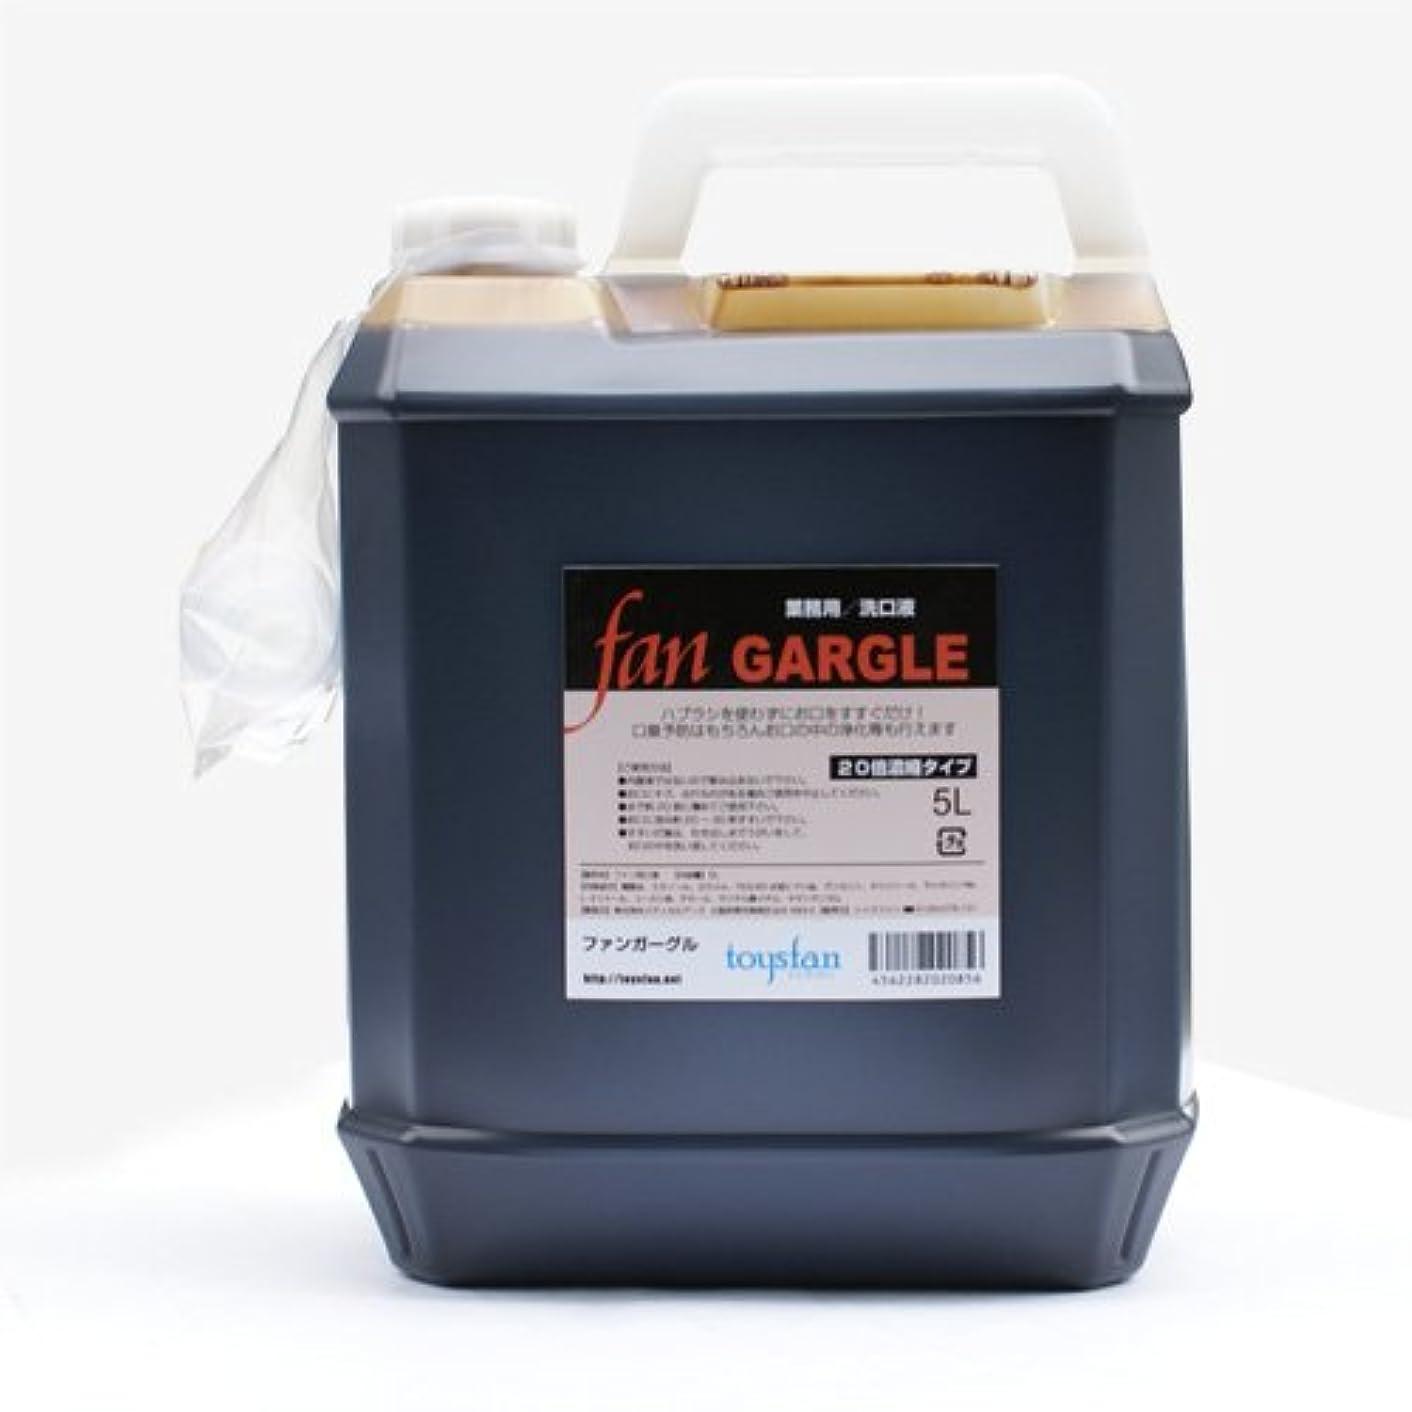 平野あたたかいモンクファンガーグル 5L(20倍濃縮)業務用洗口液